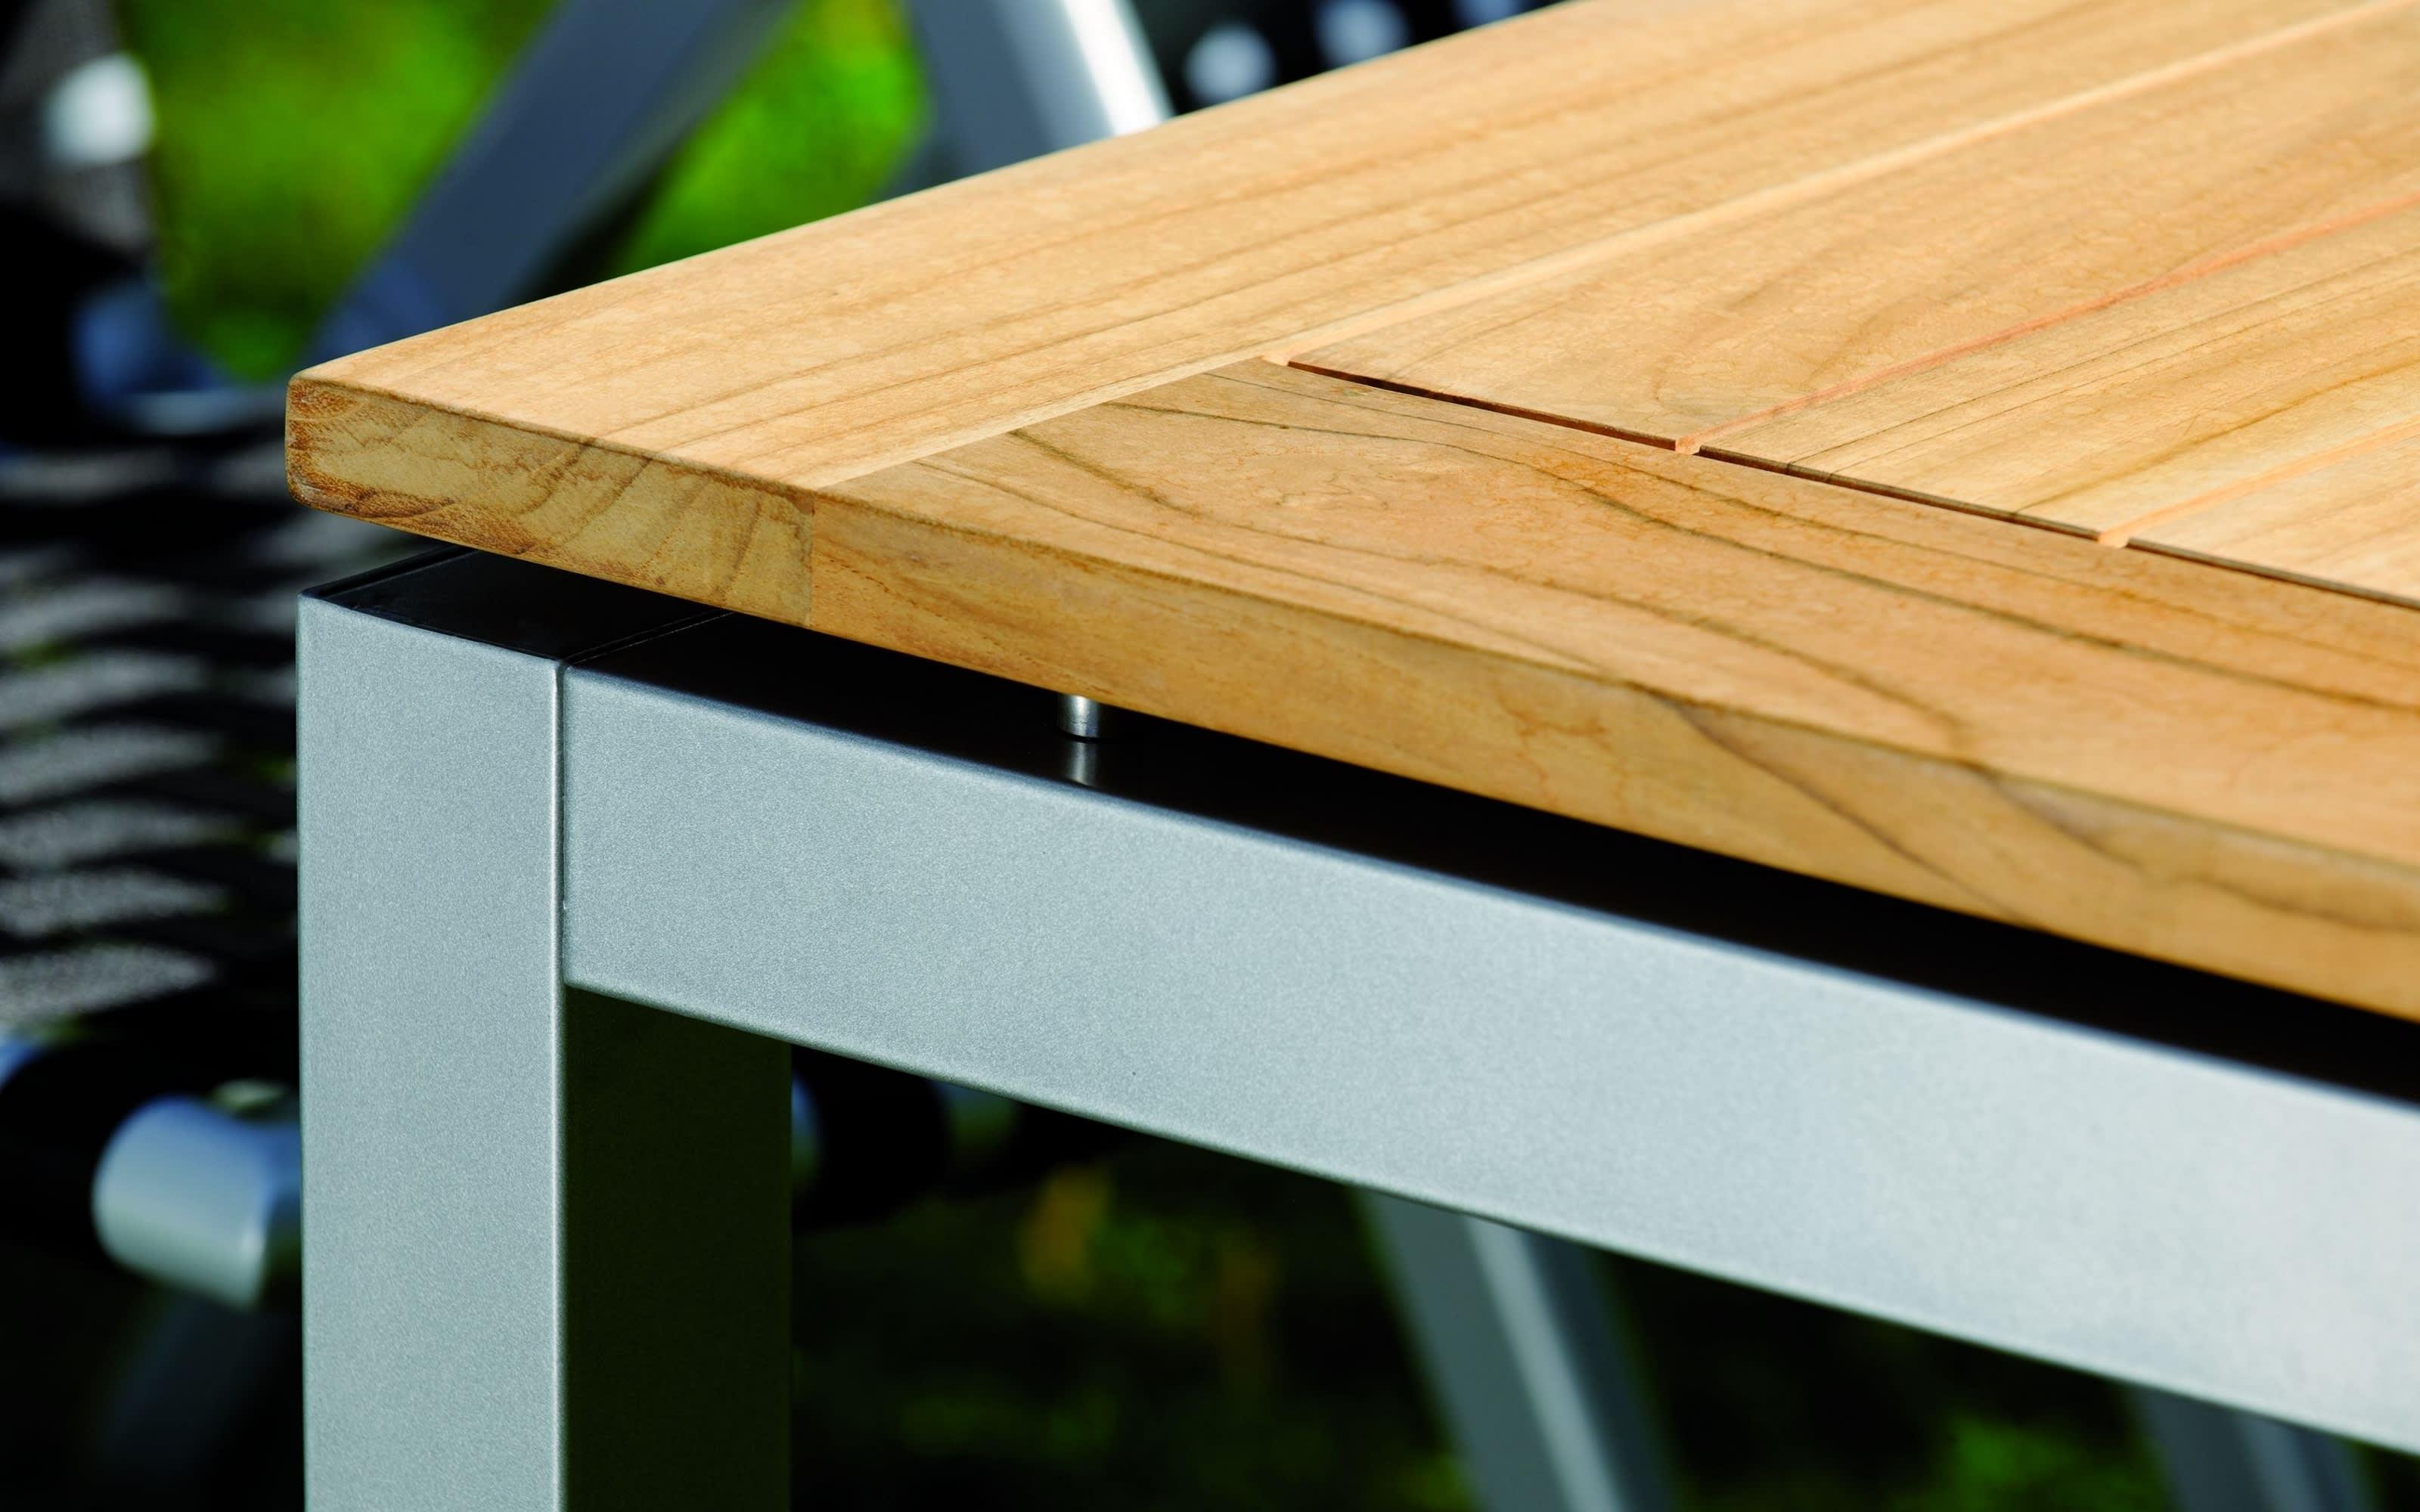 Gartentischplatte Silverstar 2.0 in Teak